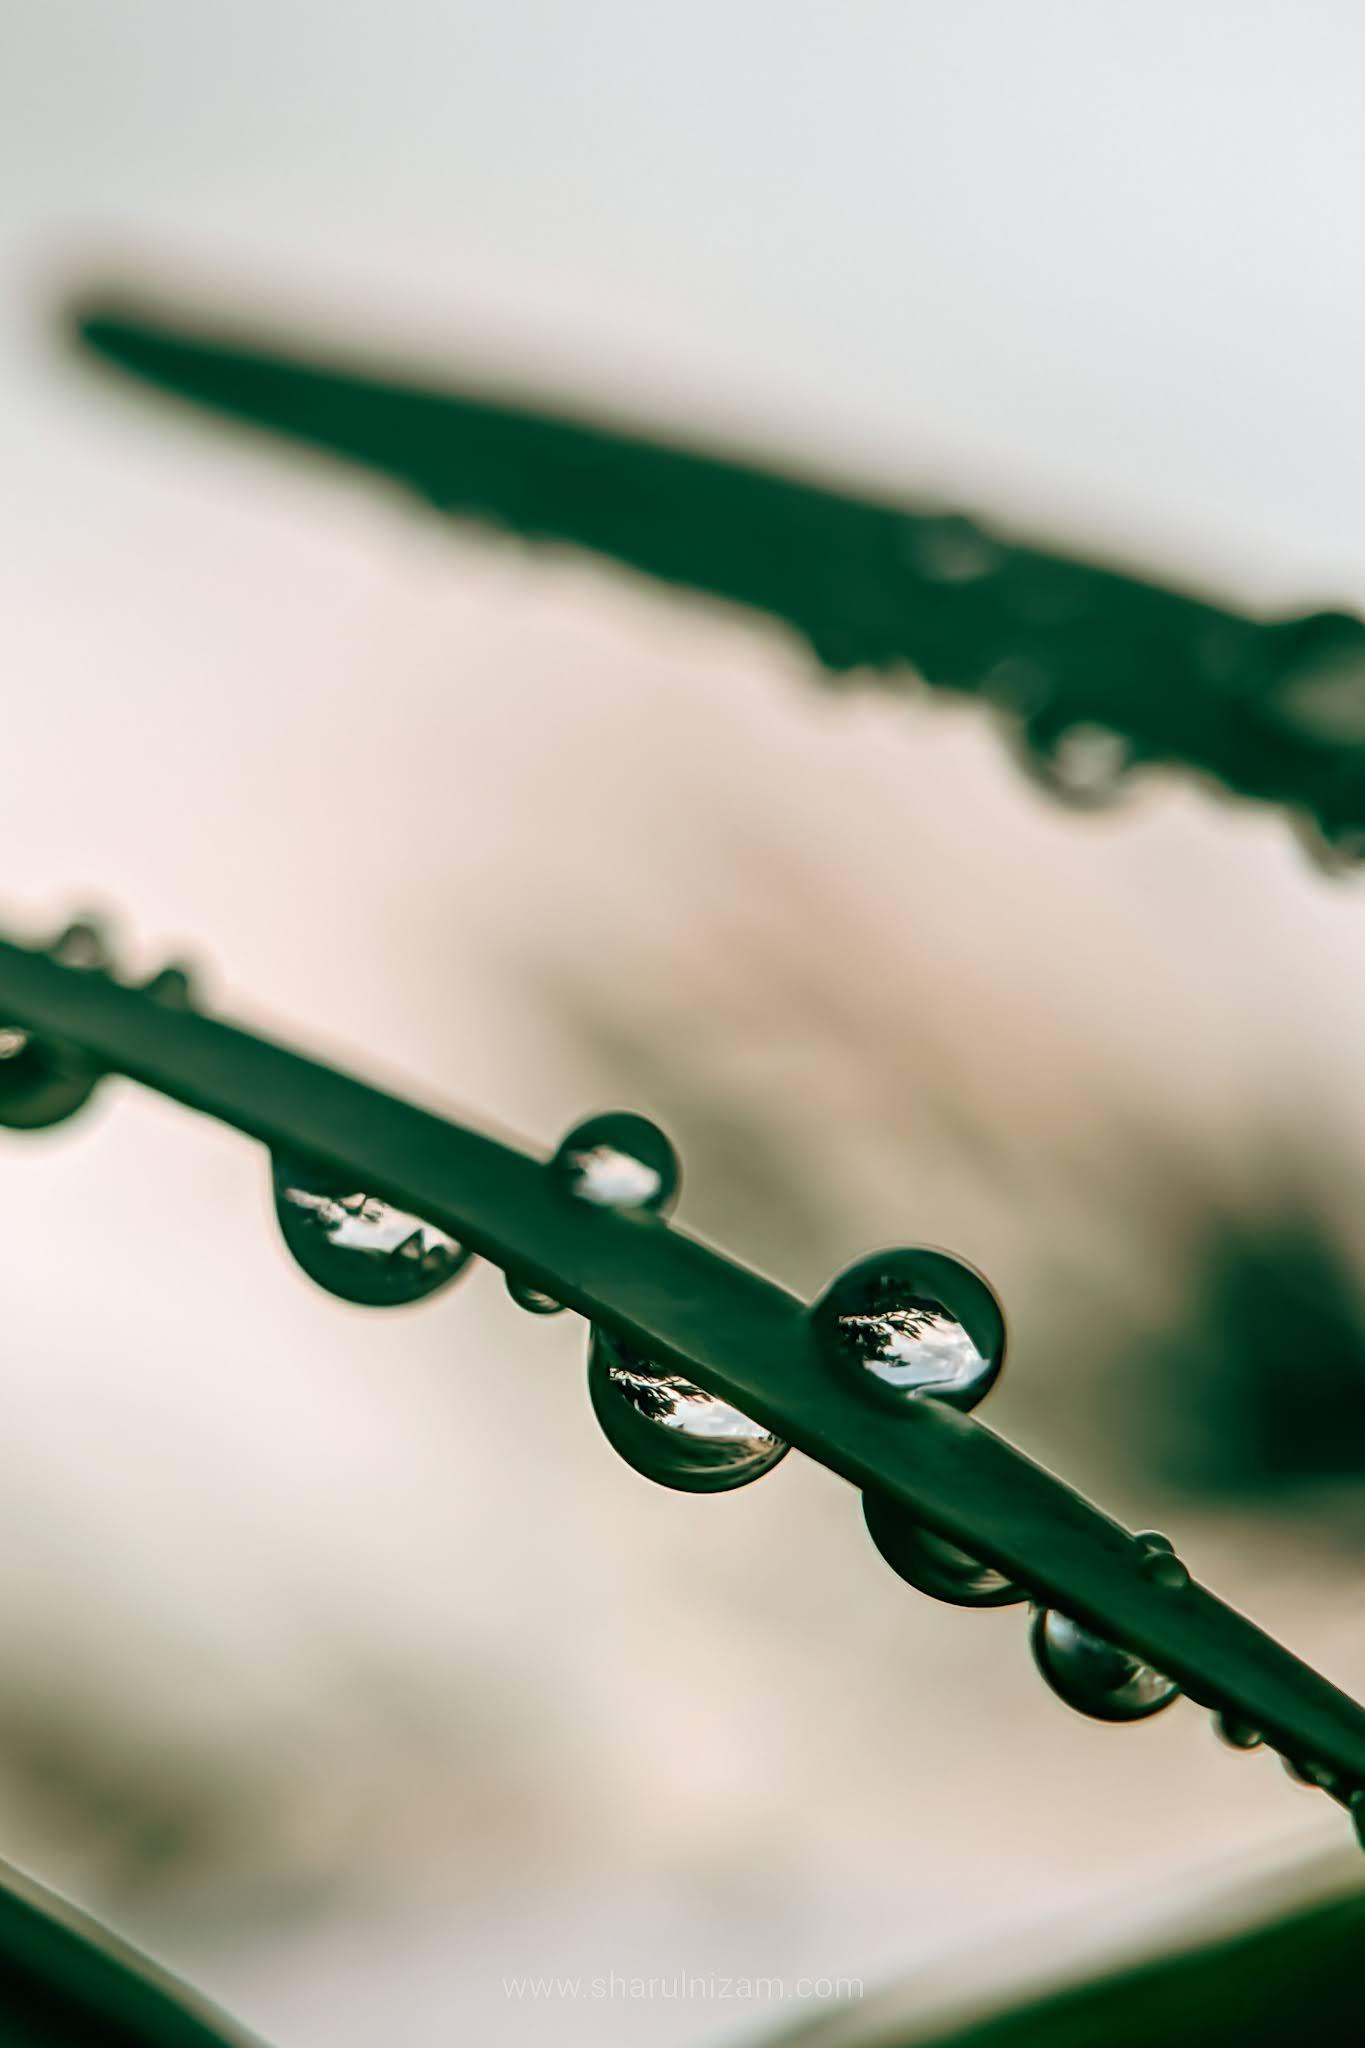 Gambar Titisan Embun (Droplets Macro Photography)